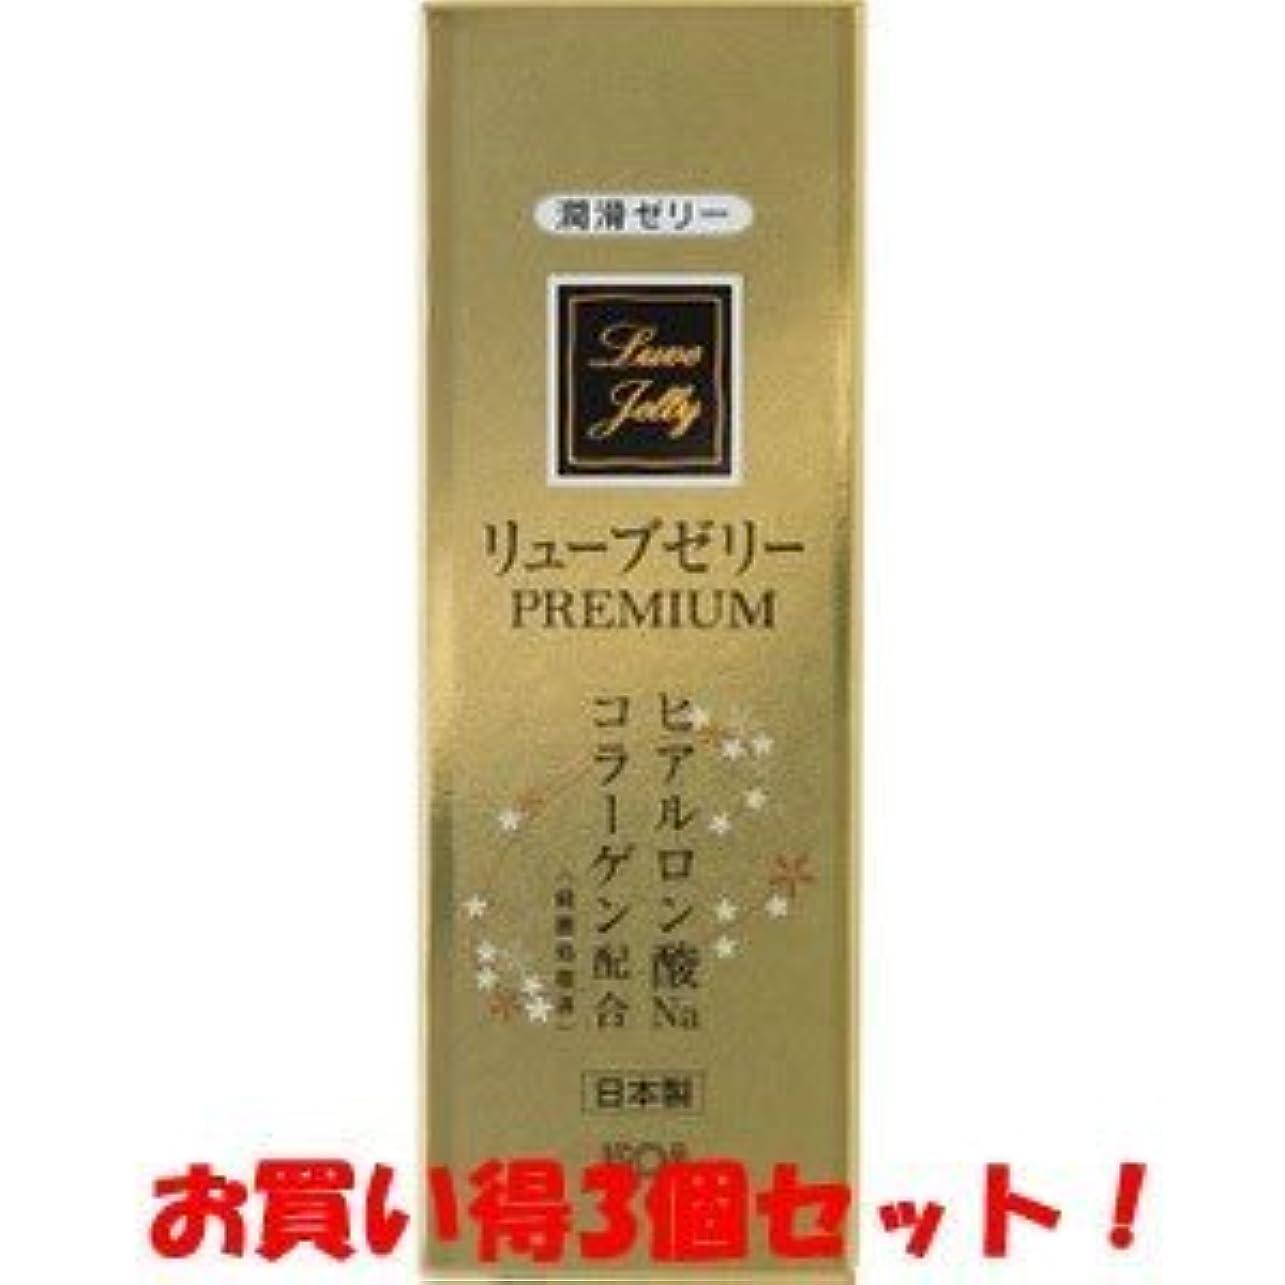 かまどプラットフォームフィード(ジェクス)リューブゼリー プレミアム PREMIUM 55g(お買い得3個セット)